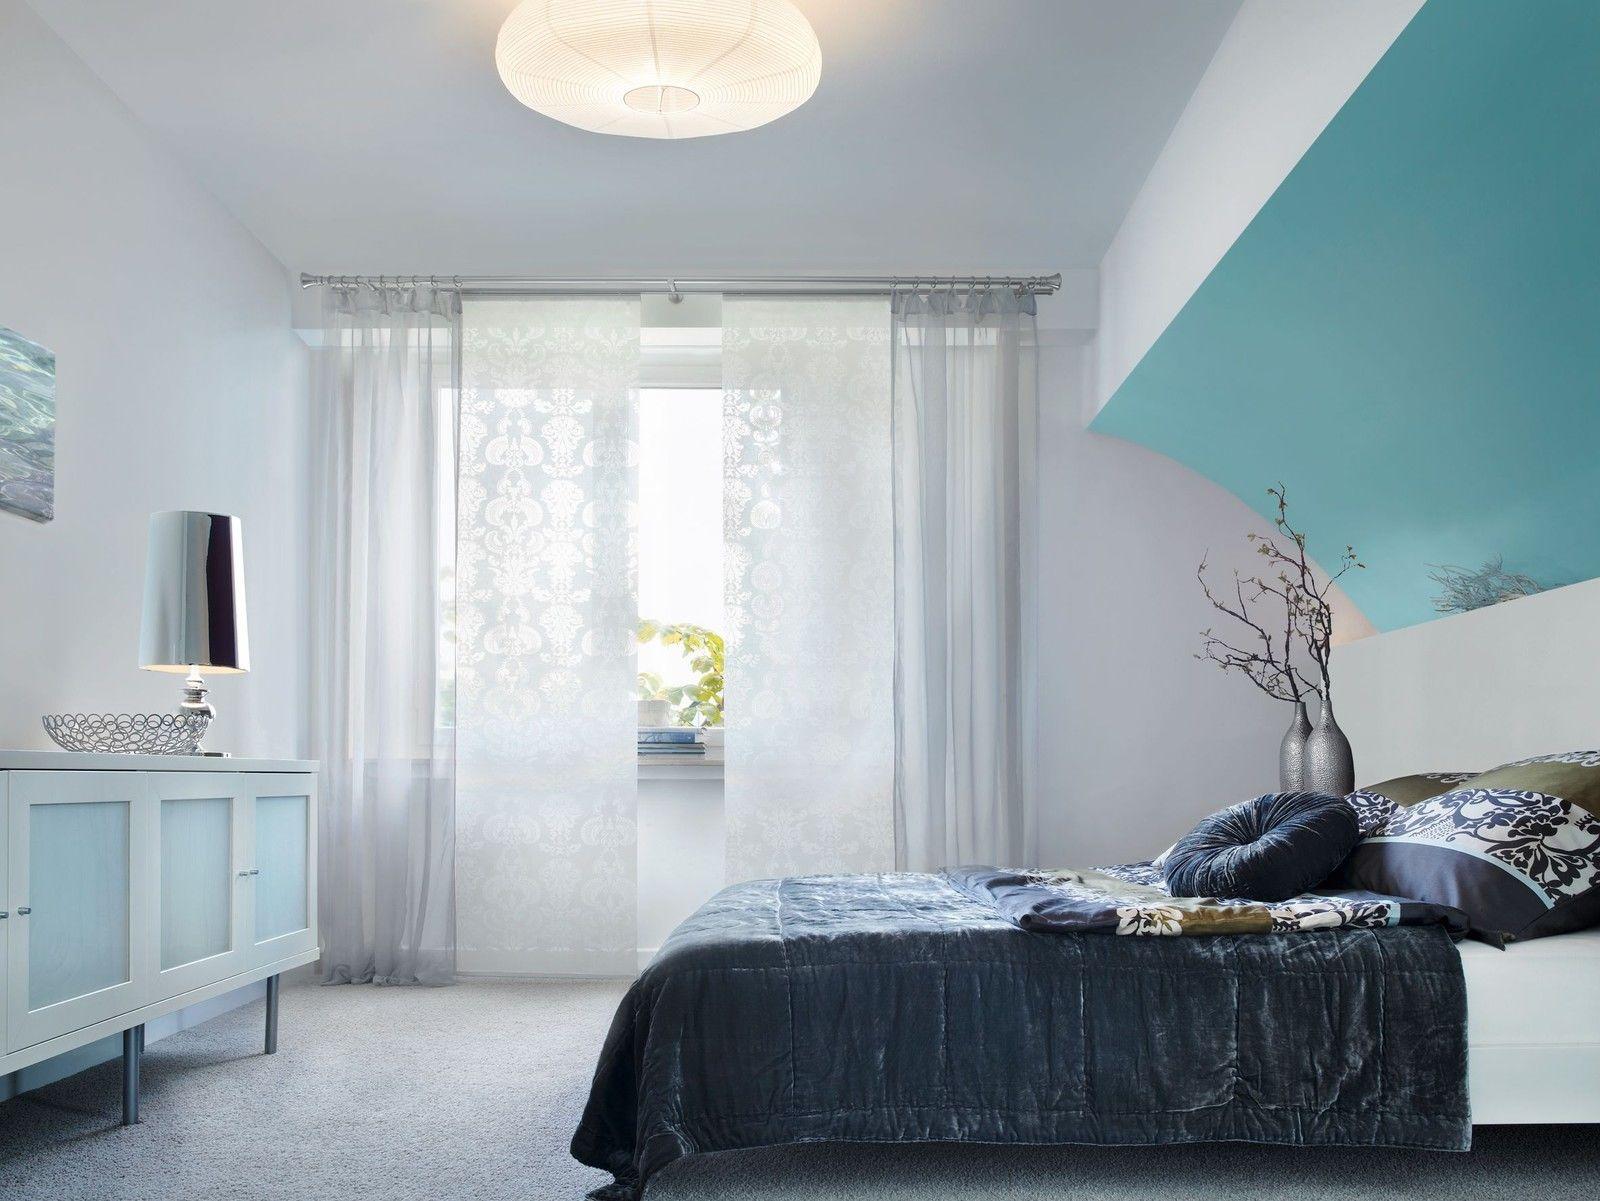 Schiebevorhang Flächenvorhang Vorhang Ornament Weiß Braun